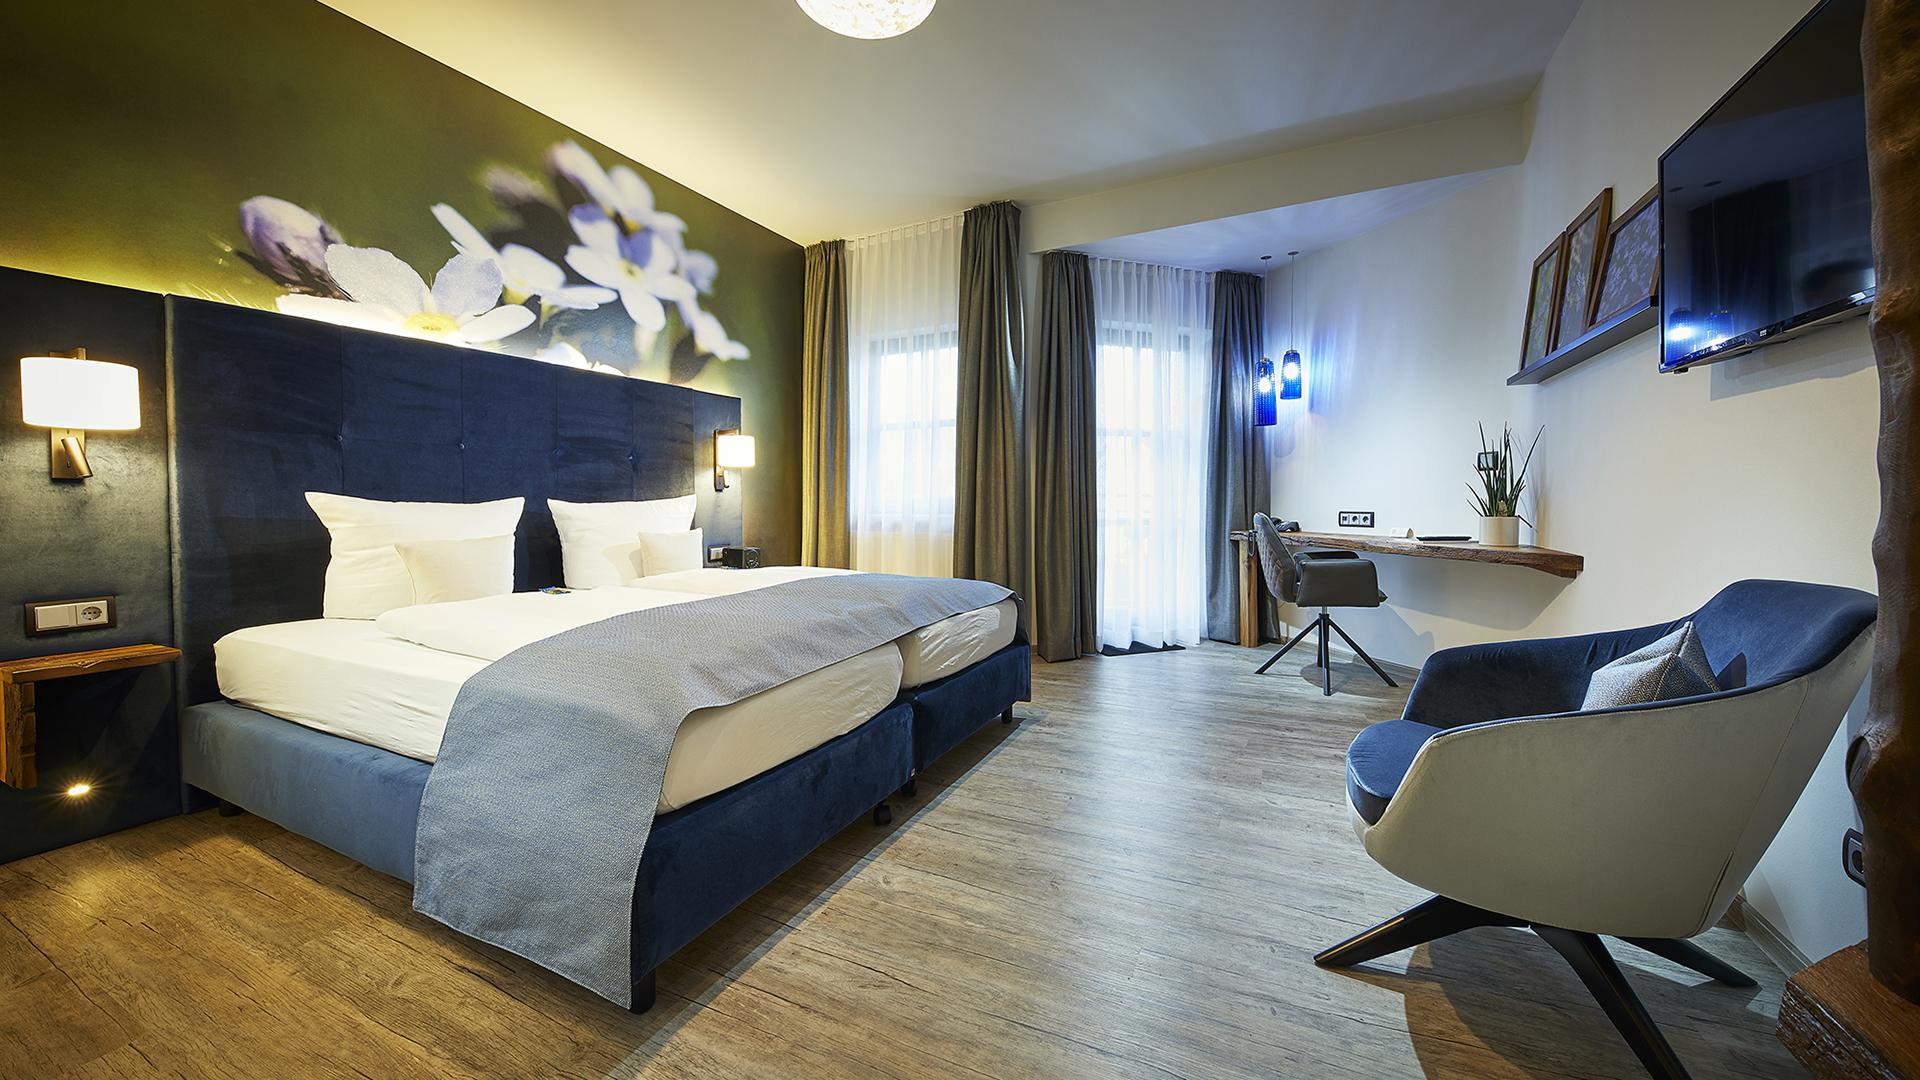 All Inkl Hotel Deutschland